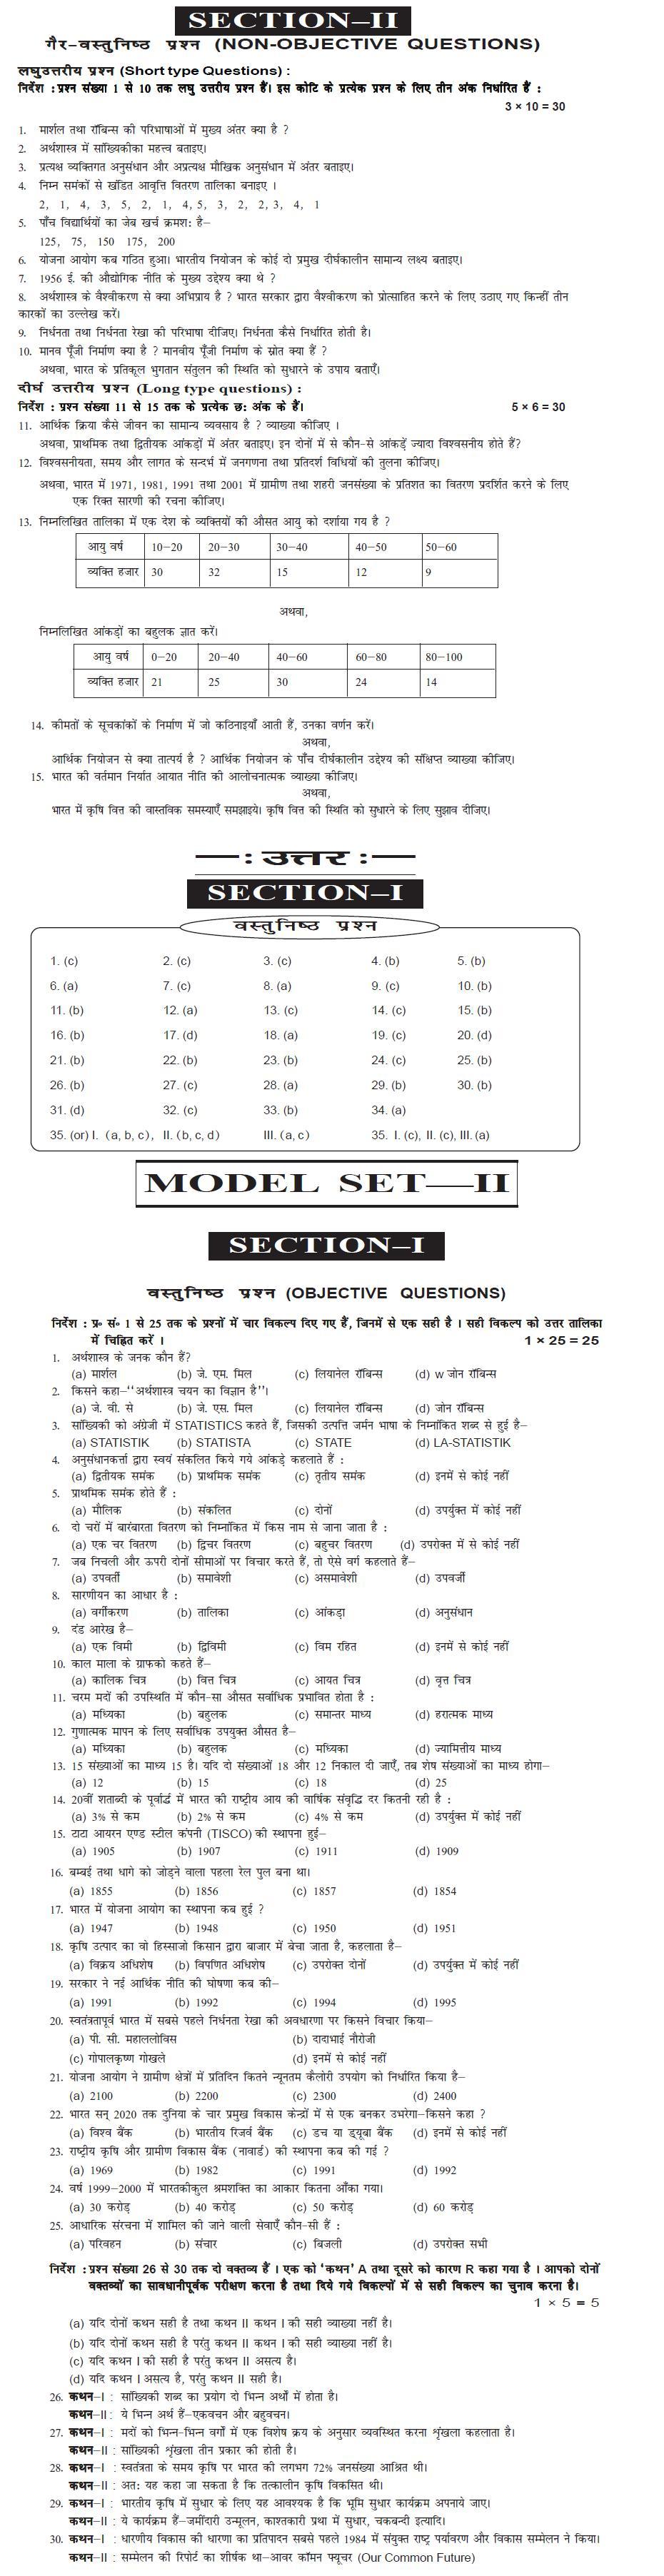 Bihar Board Class XI Arts Model Question Papers - Economics